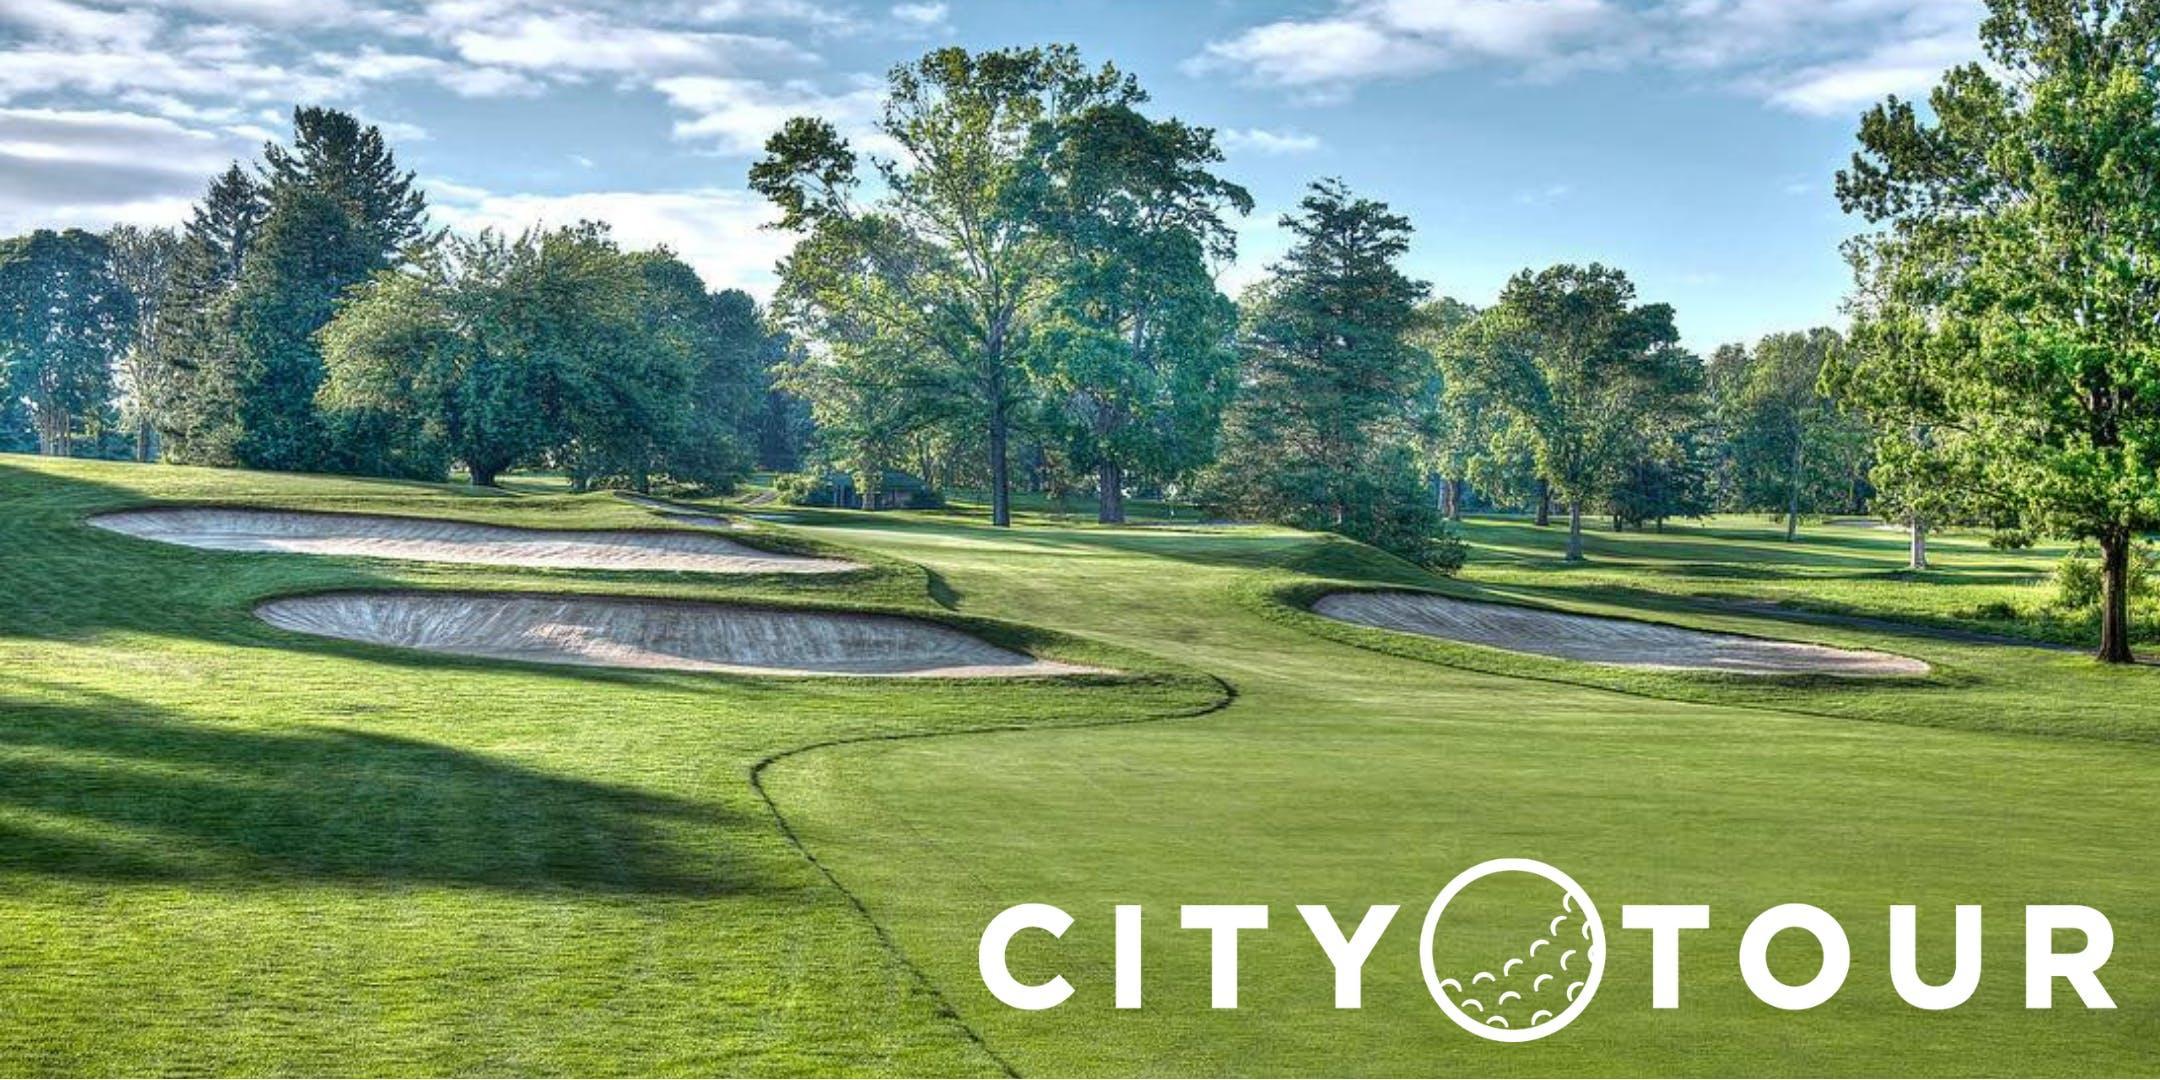 Indy City Tour - The Pfau Course